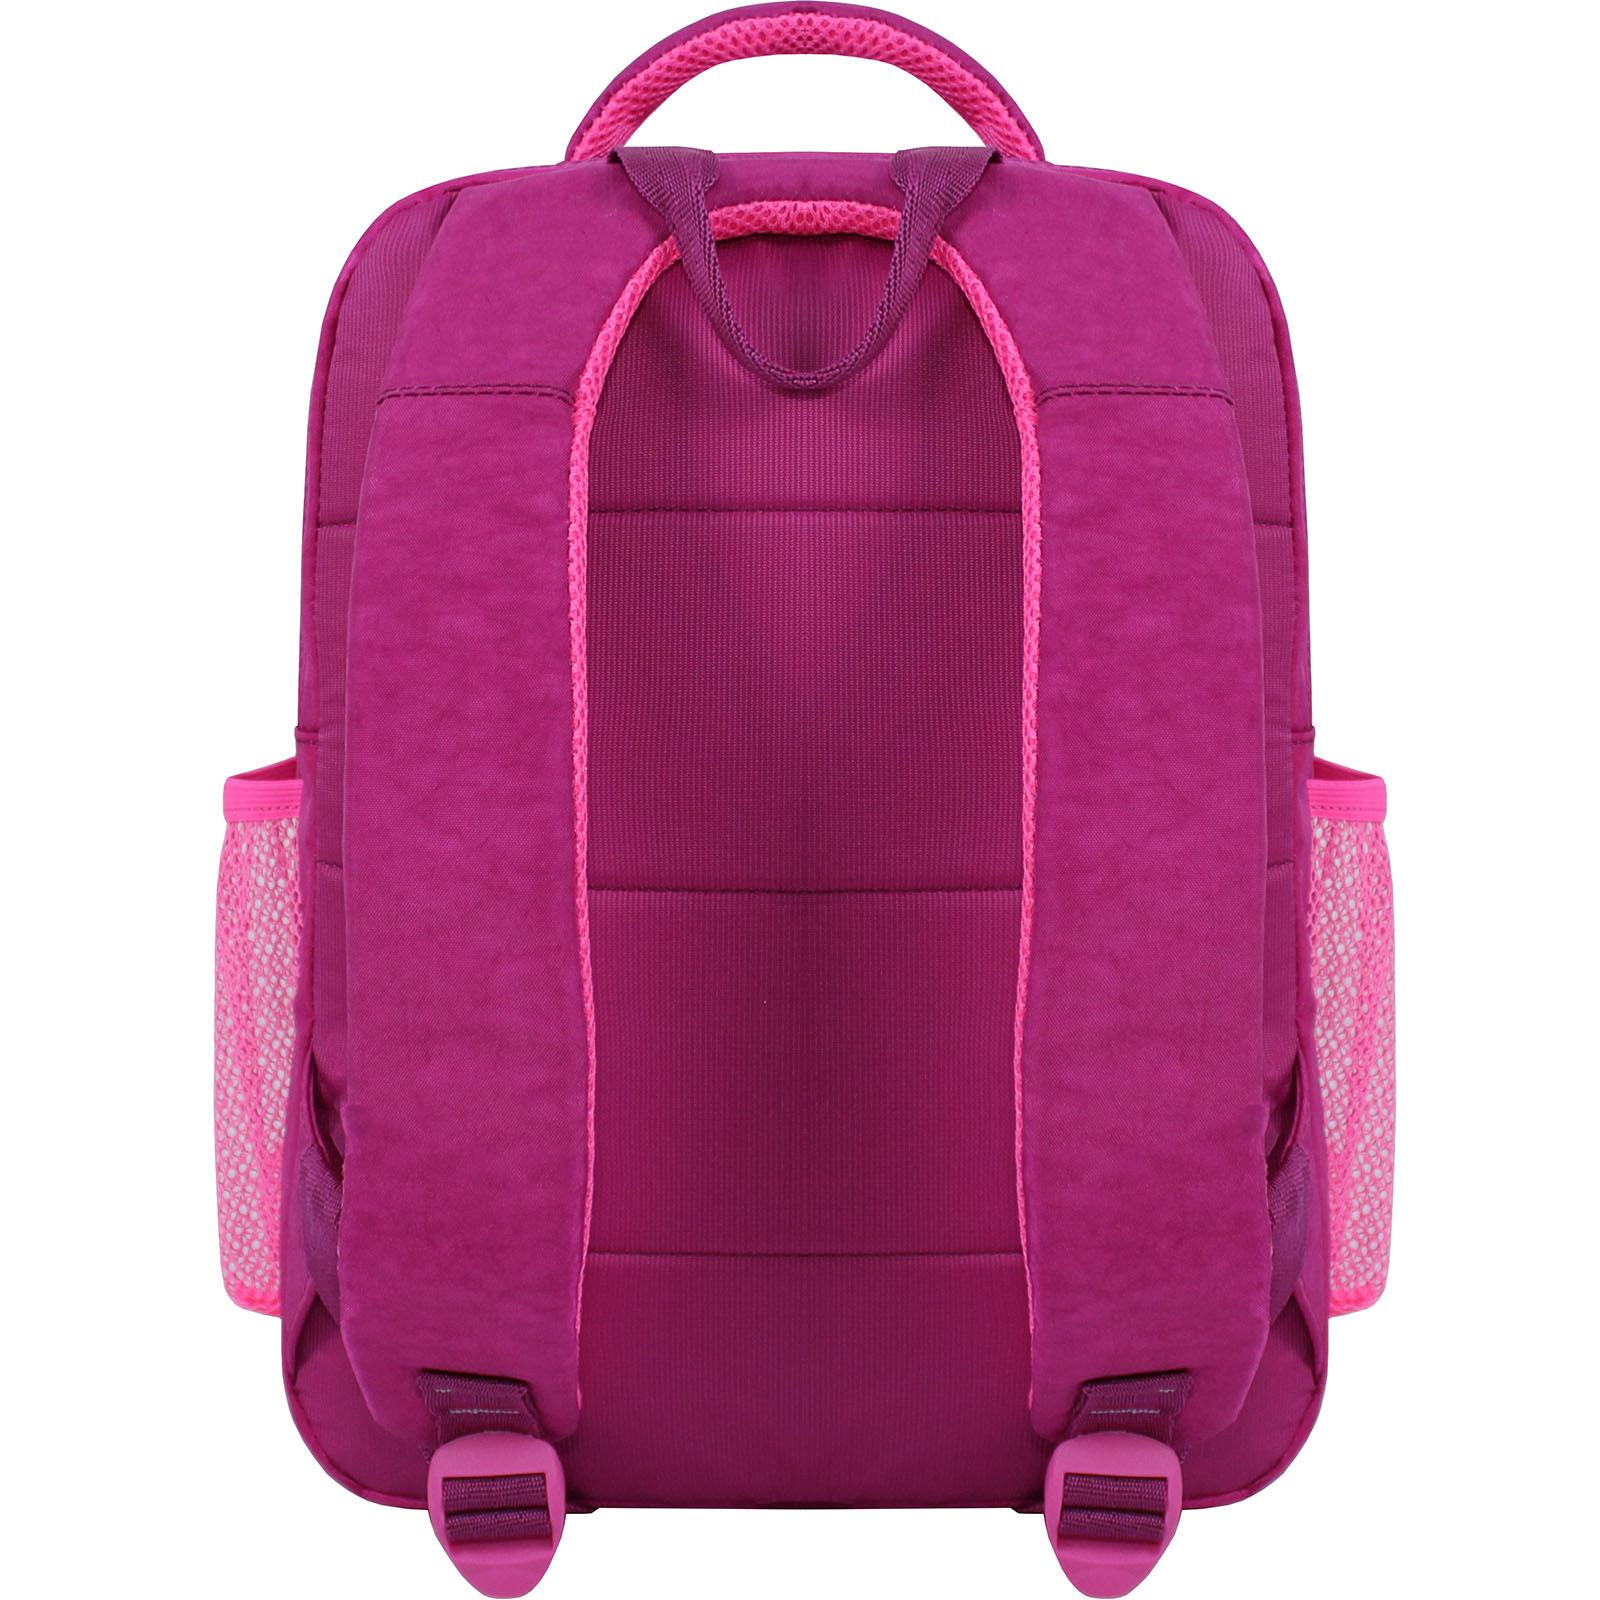 Рюкзак школьный Bagland Школьник 8 л. 143 малина 504 (00112702) фото 3